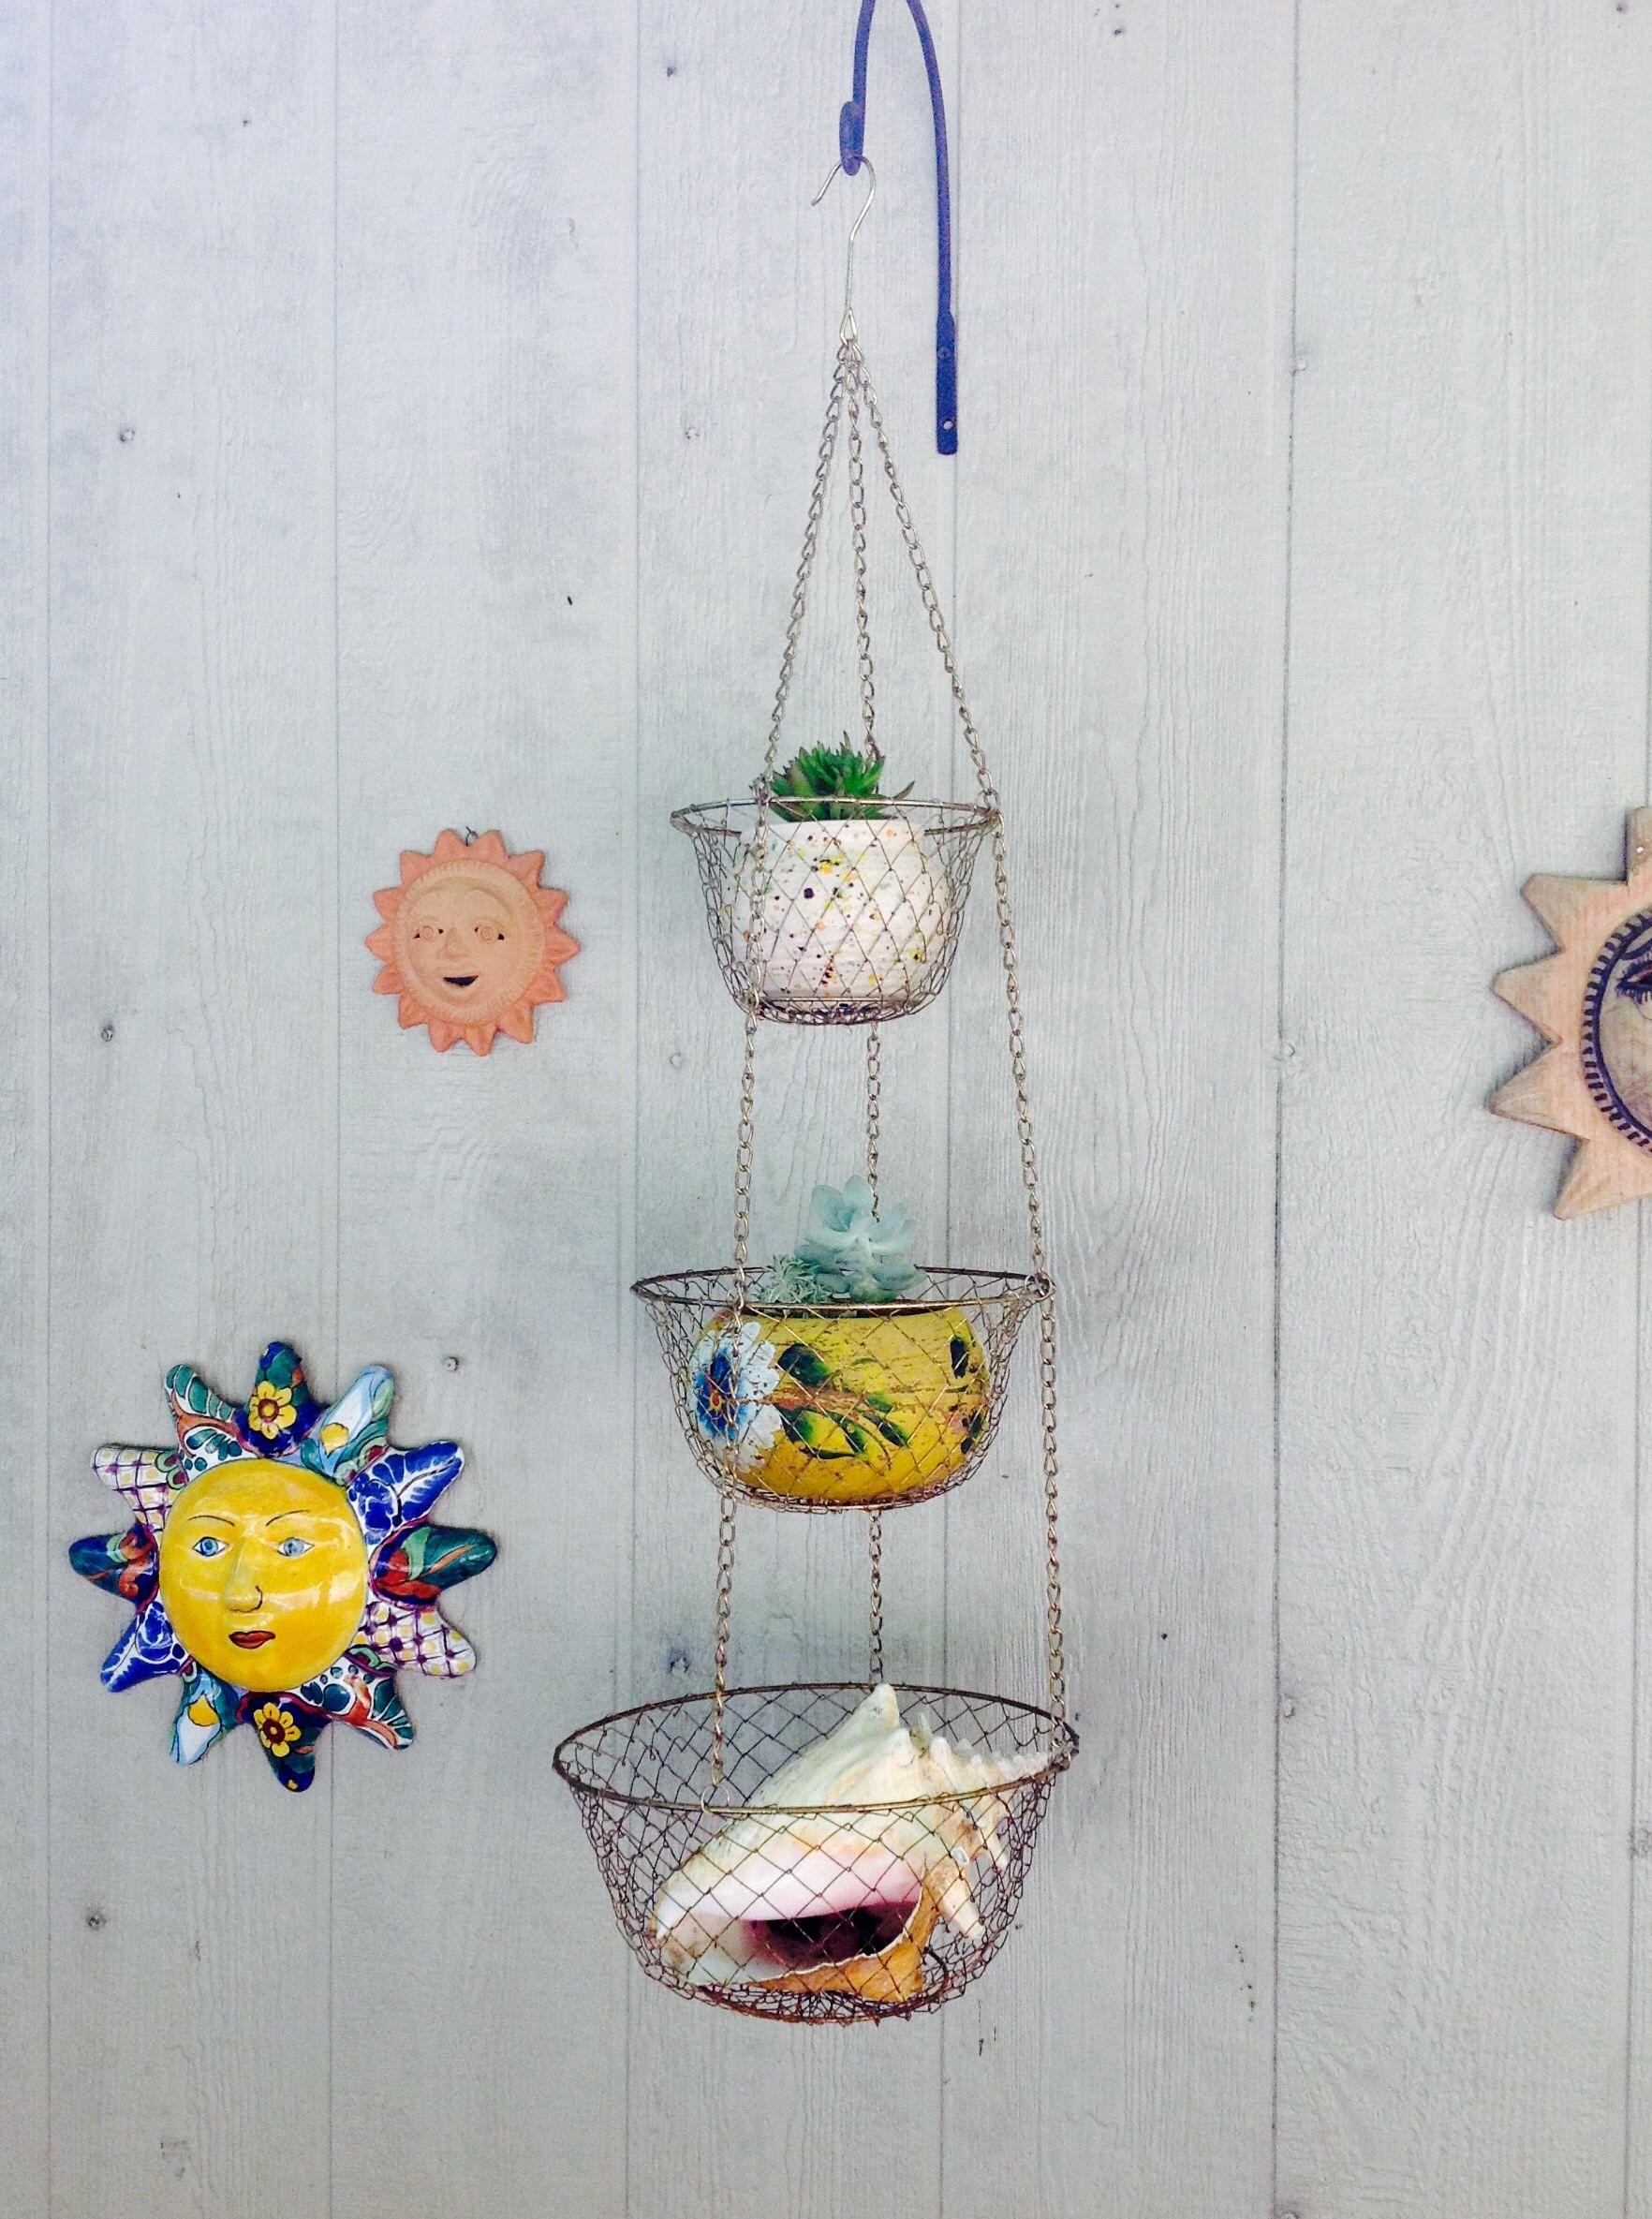 Vintage Brass 3 Tier Hanging Baskets Mid Century Kitchen  Decor Mod Minimalist Fruit Basket Oraganization Baskets Farmhouse